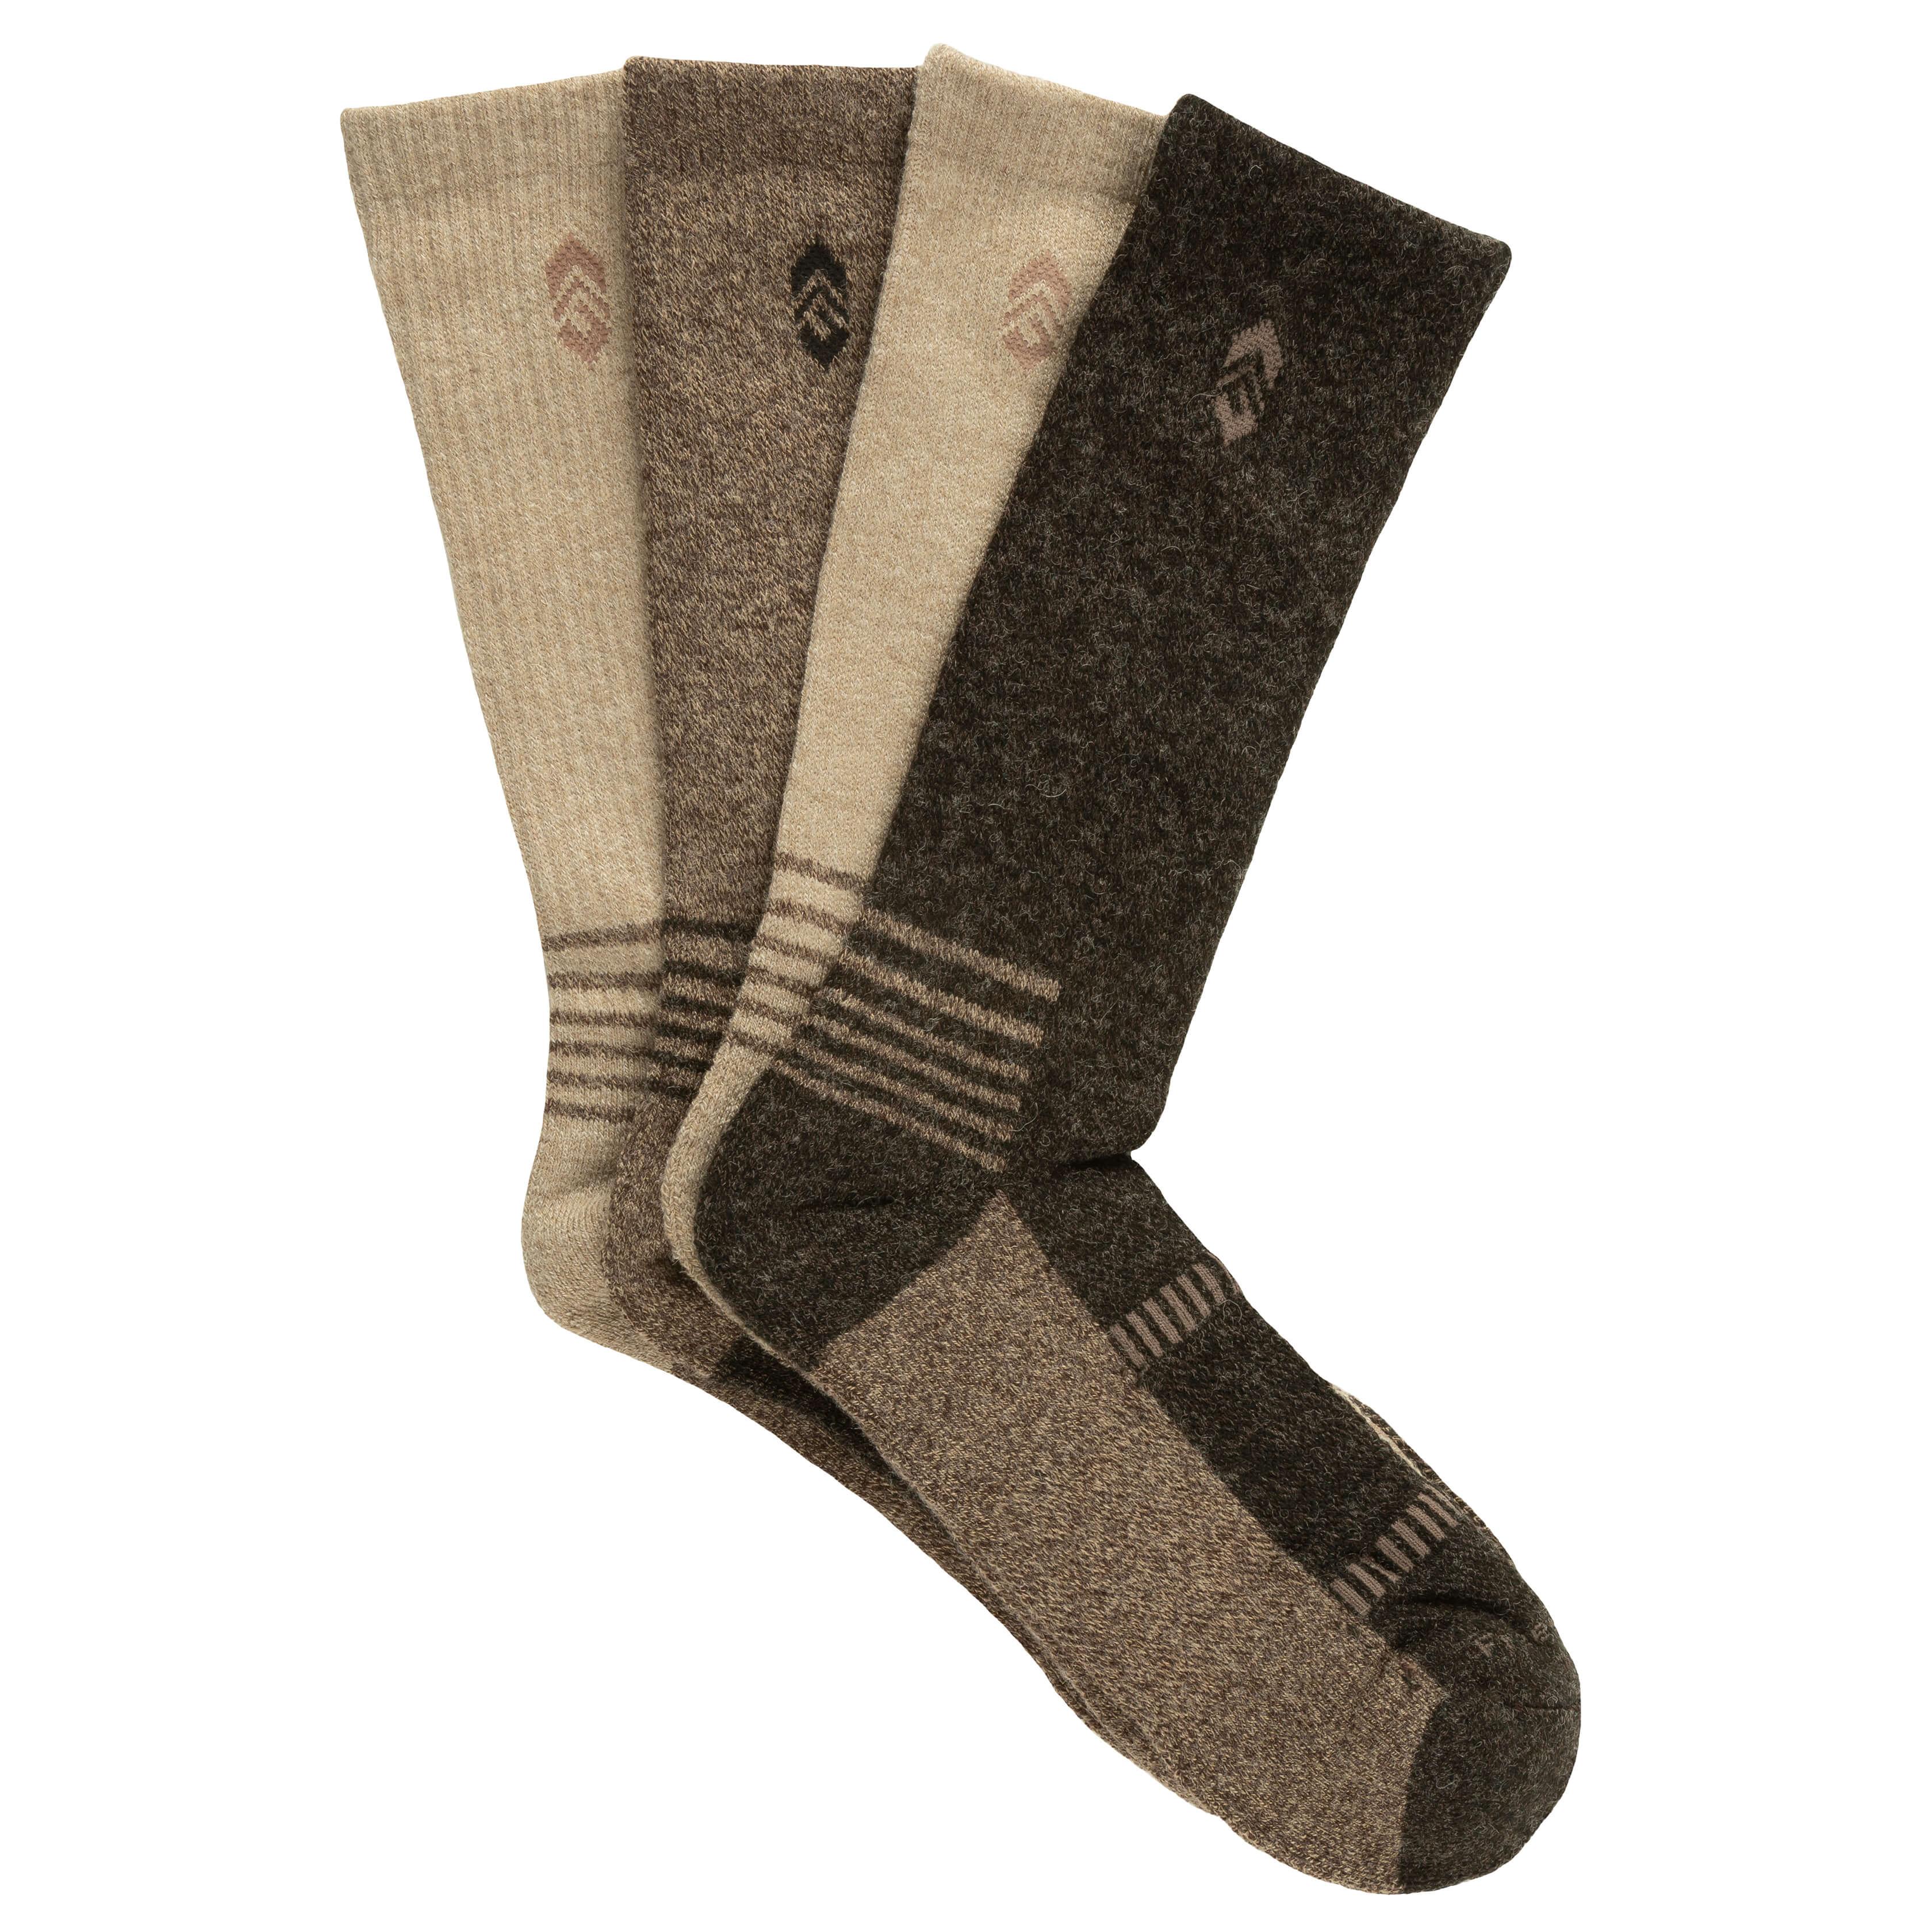 Men's Wool-Blend Marled Brown Crew Socks